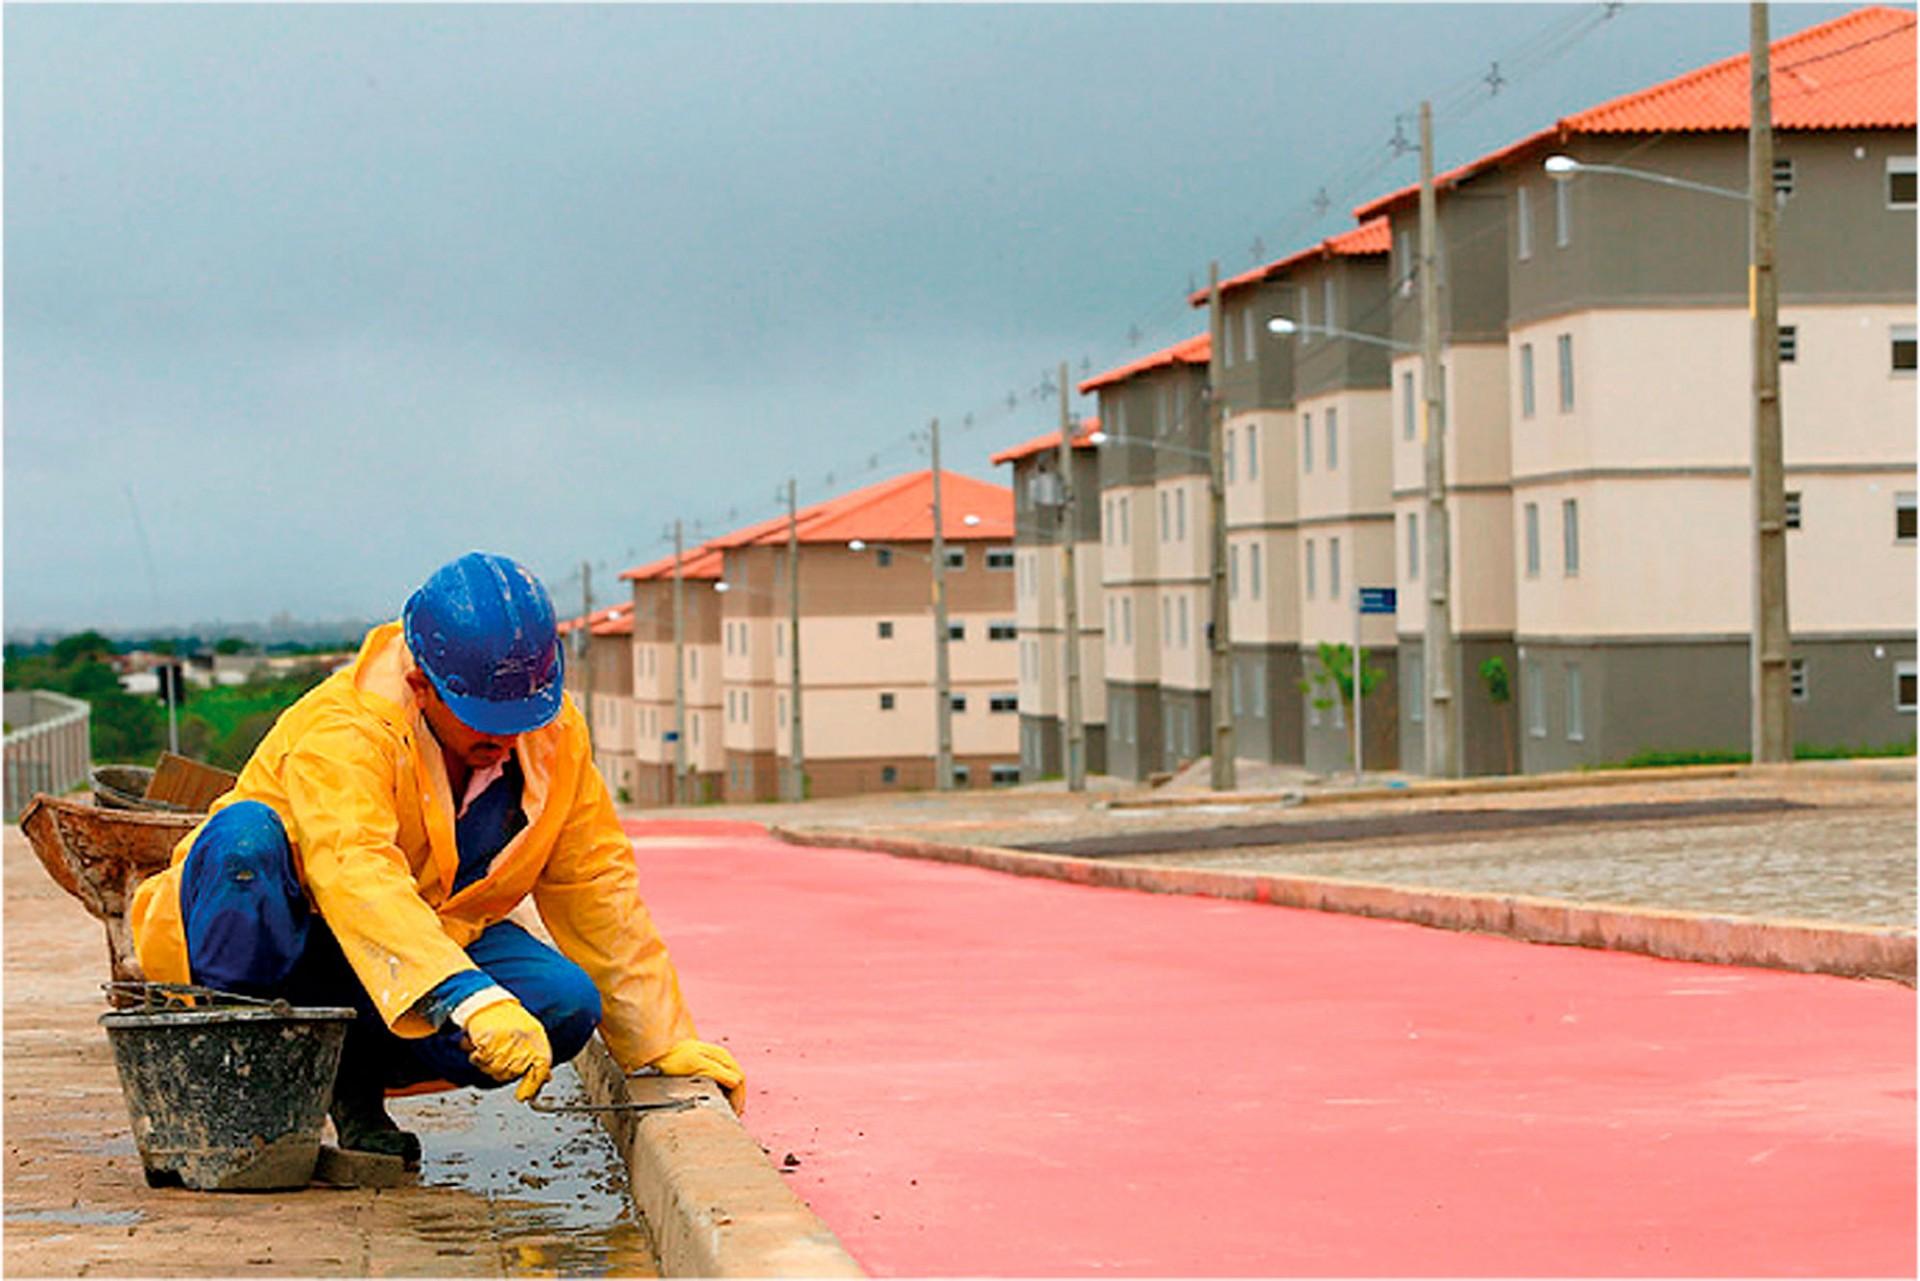 Casa Verde e Amarela está em fase de transição do Minha Casa Minha Vida e em 2021 só passará a aceitar projetos concebidos na plataforma BIM. Crédito: Agência Brasil